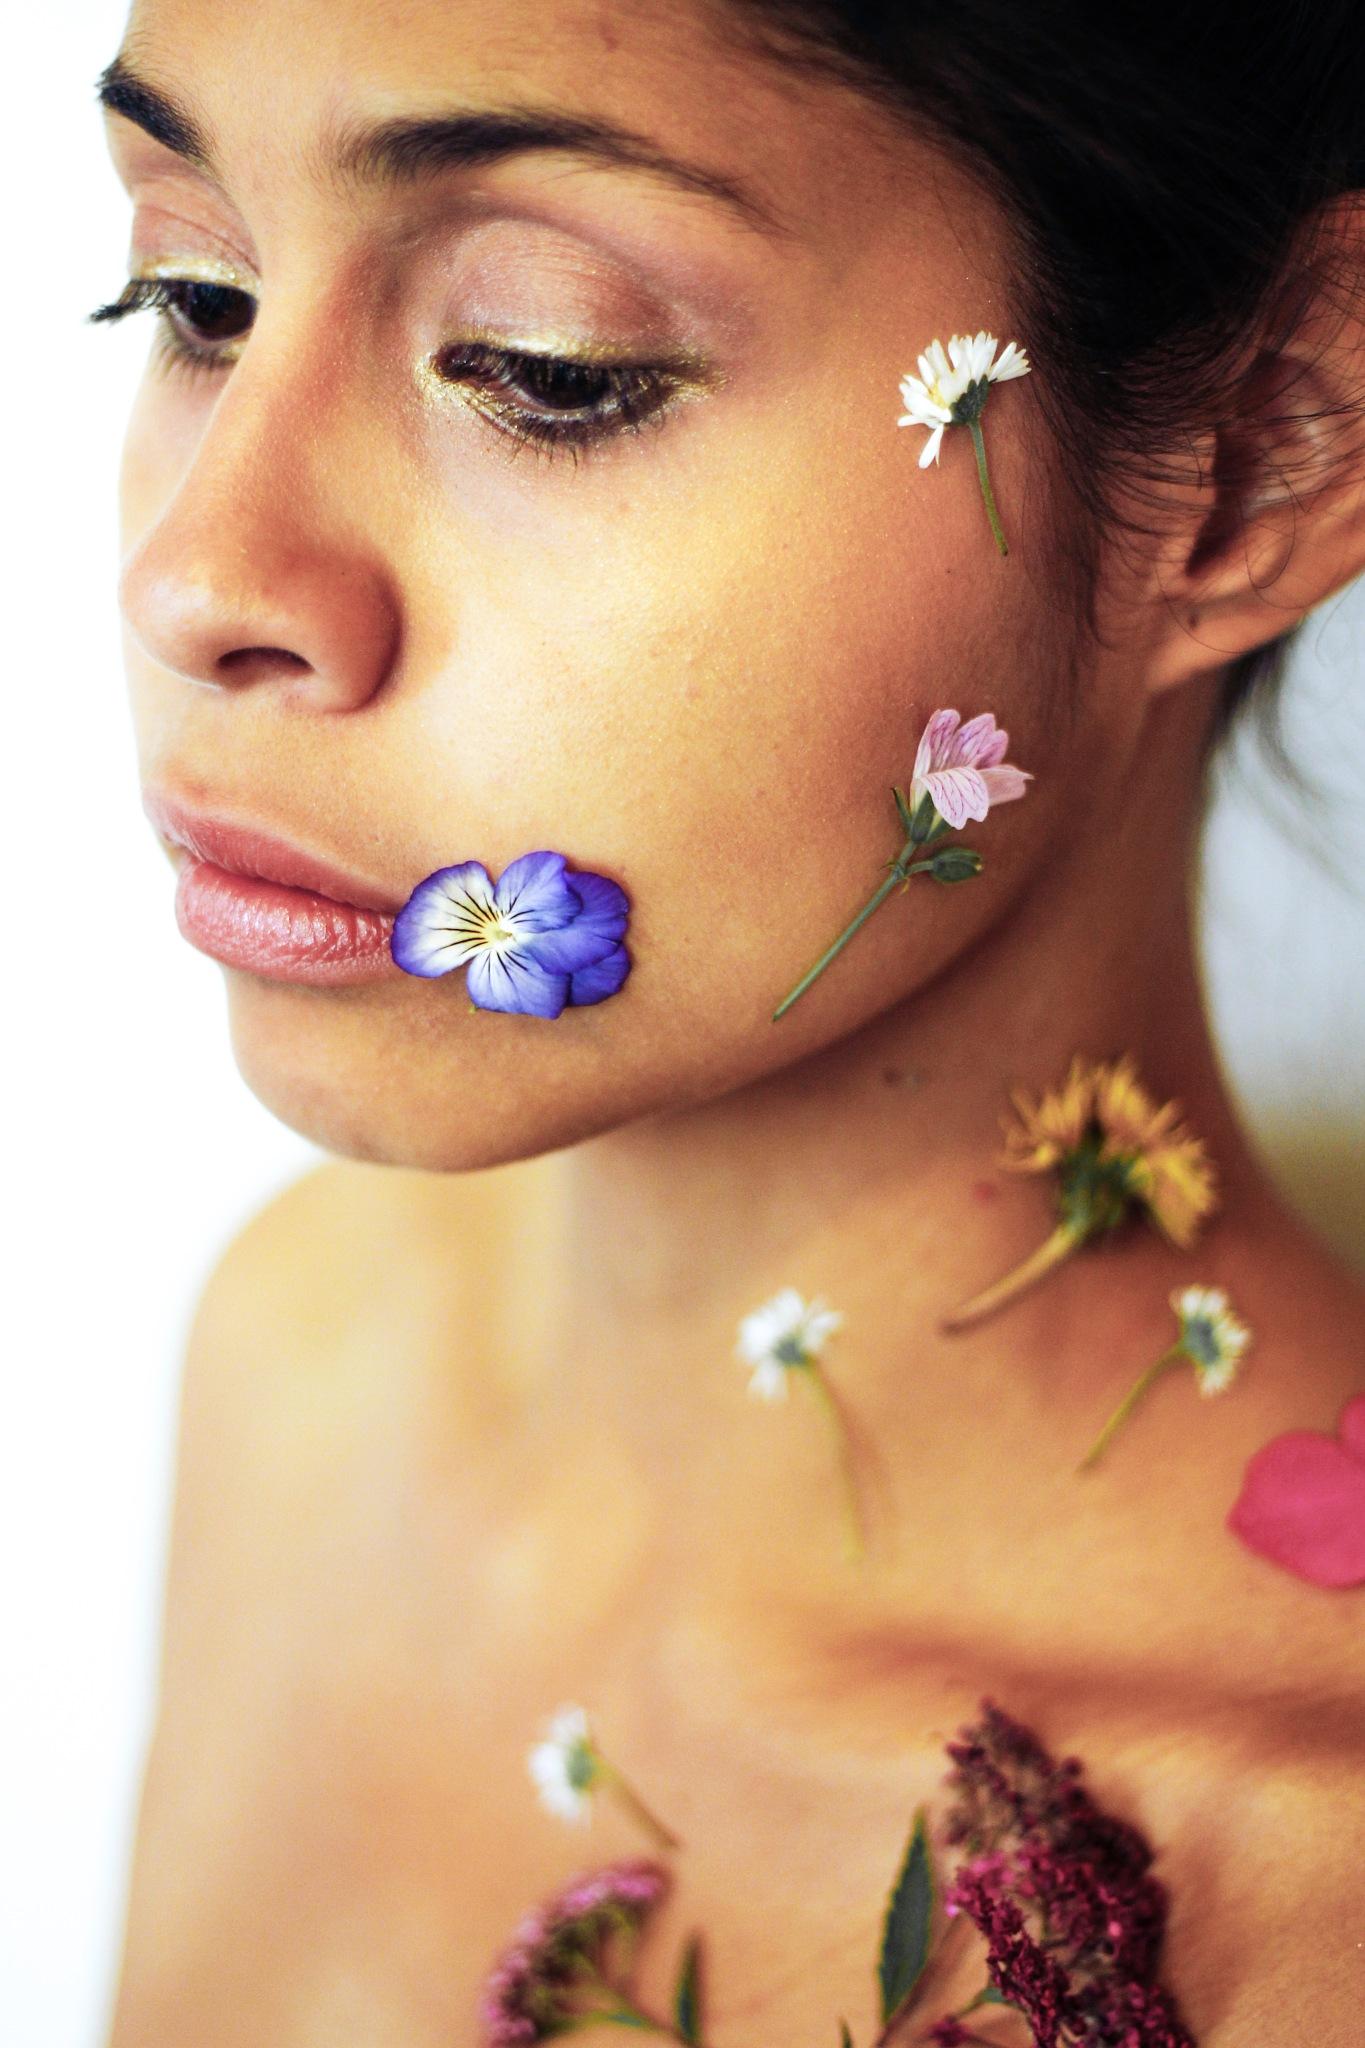 Ingrid by Annette Gonzalez Parra